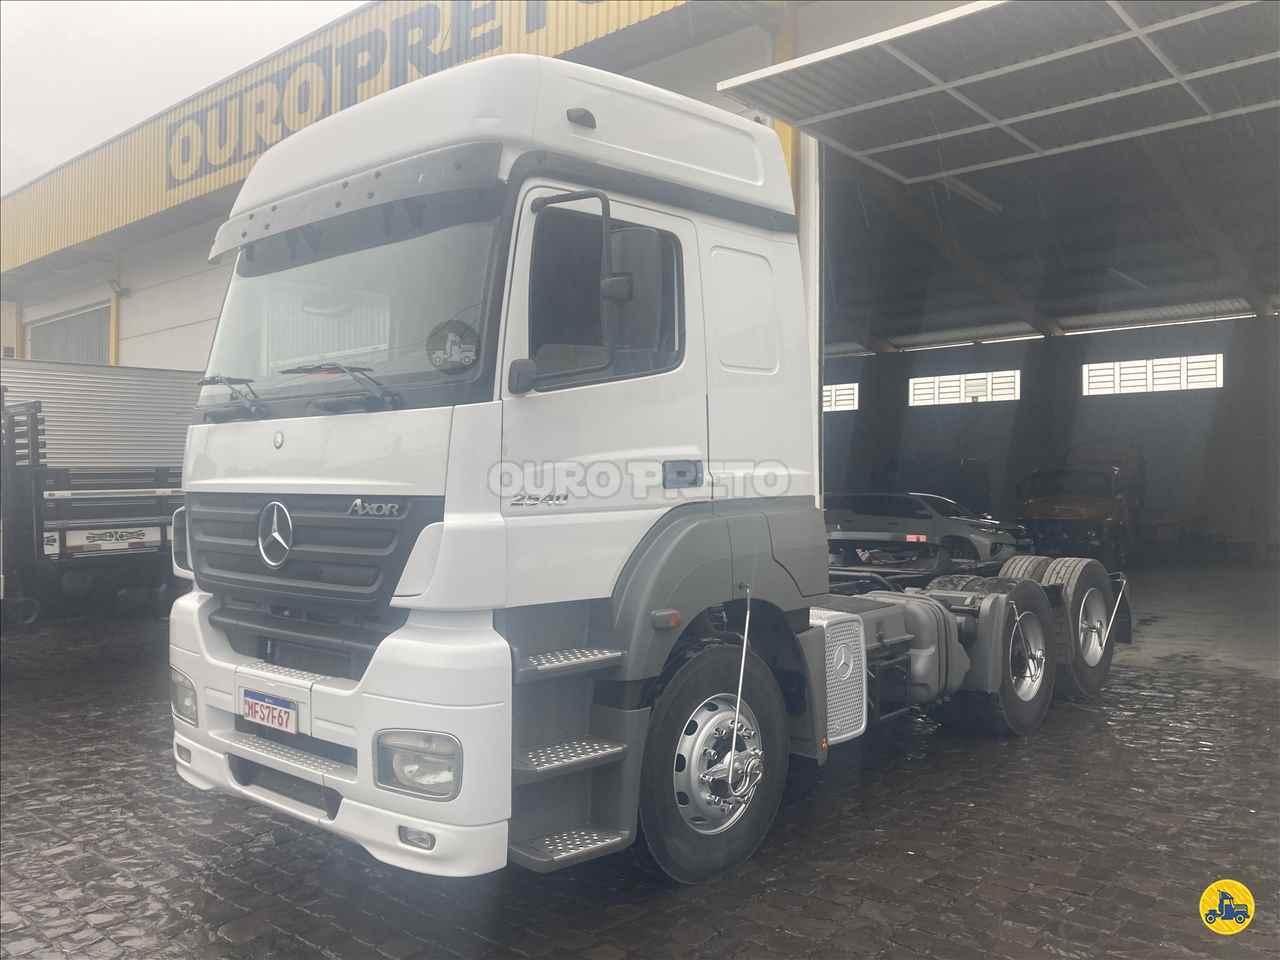 MB 2540 de Ouro Preto Caminhões - LAGES/SC